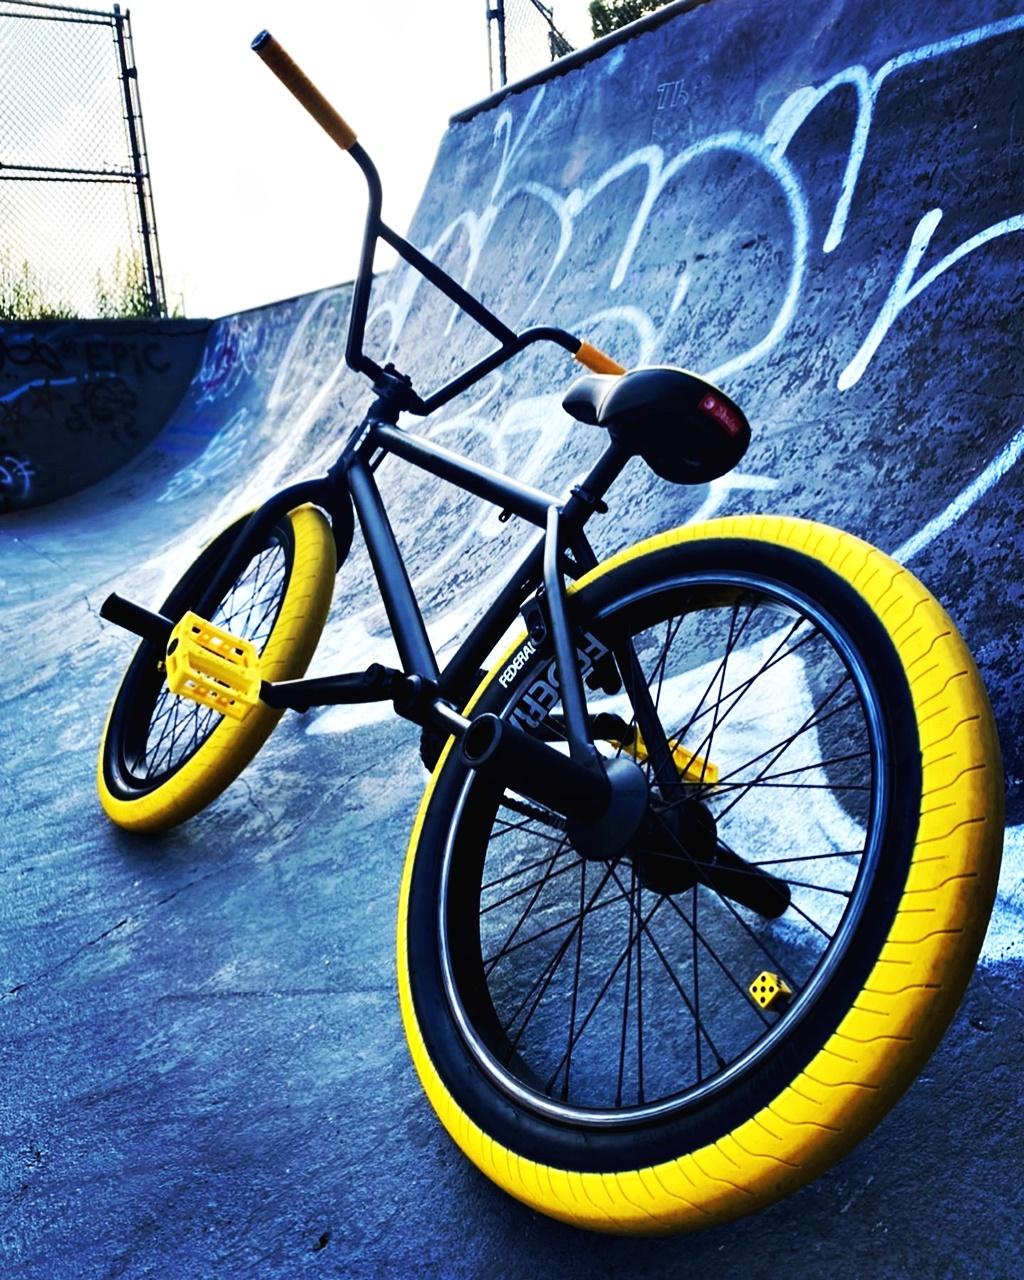 Subrosa bmx bike rear